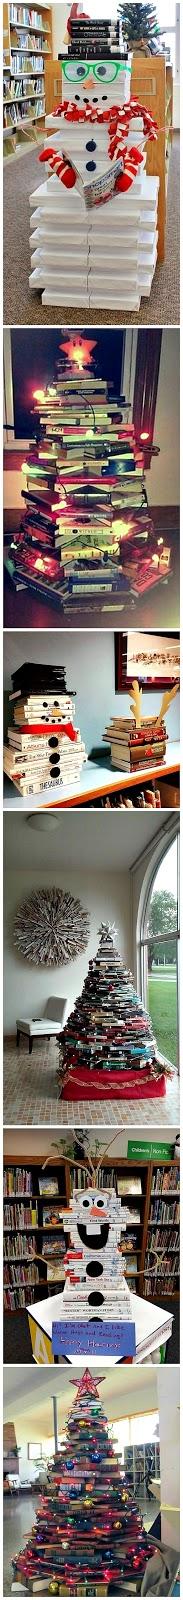 decoração de natal feita com livros